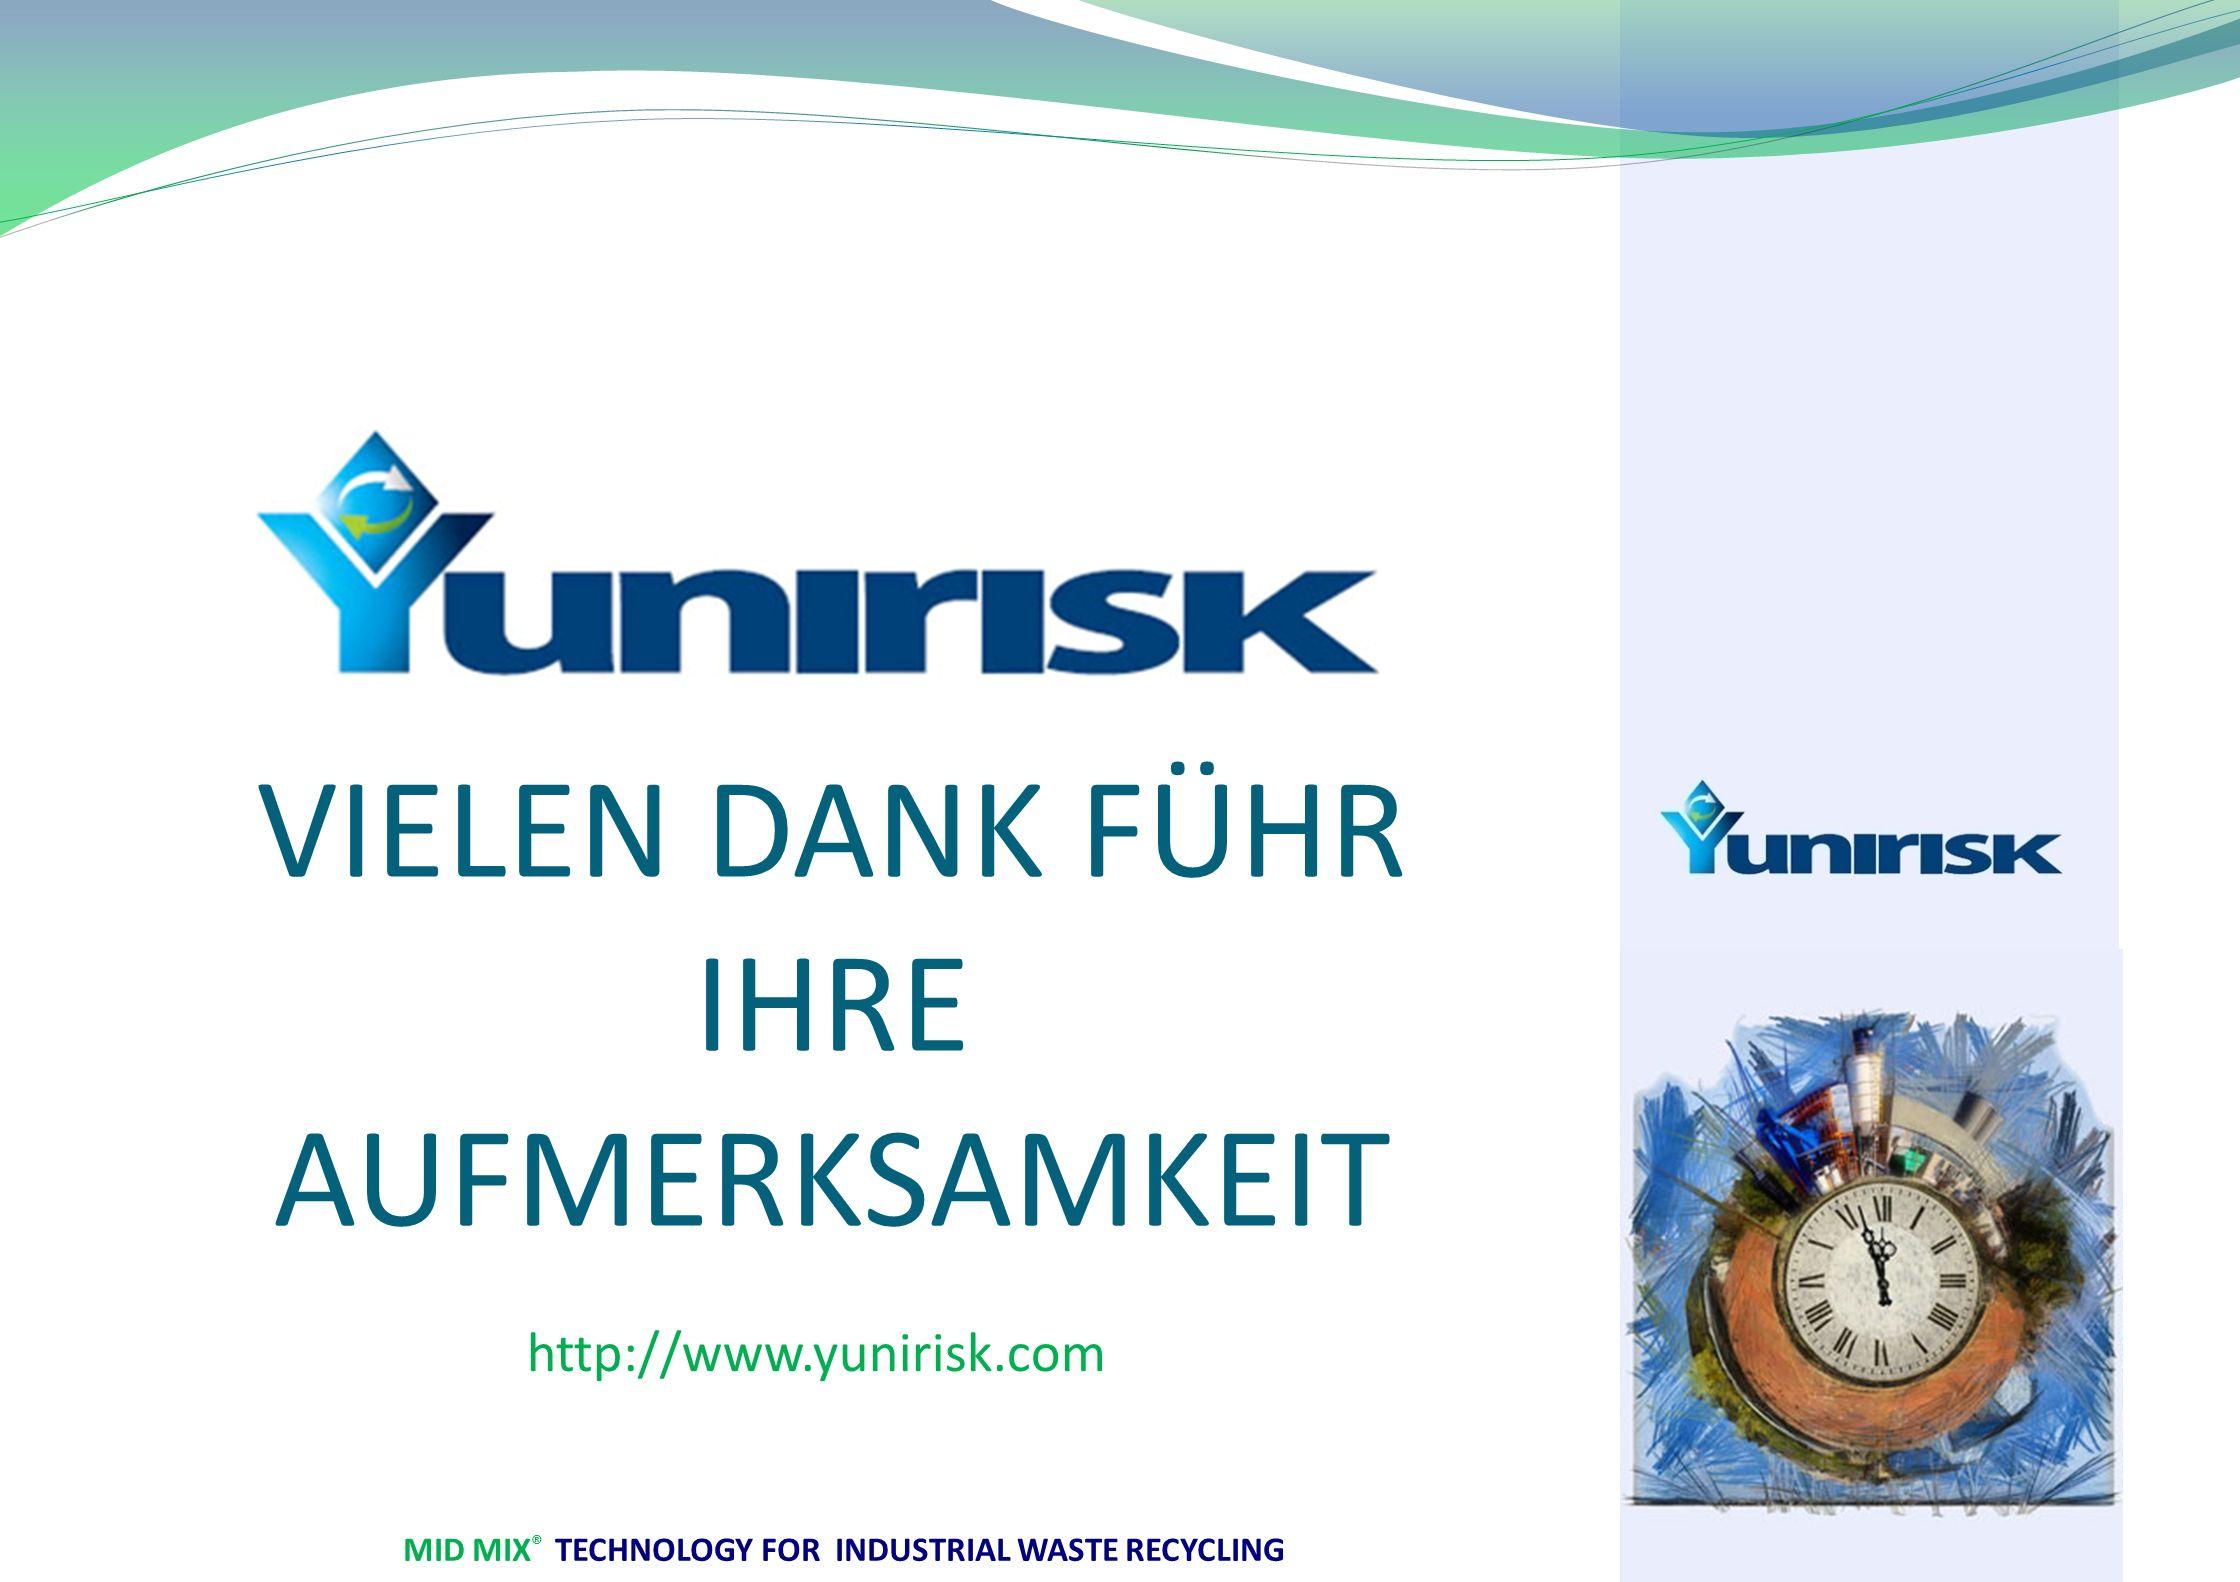 MID MIX ® TECHNOLOGY FOR INDUSTRIAL WASTE RECYCLING VIELEN DANK FÜHR IHRE AUFMERKSAMKEIT http://www.yunirisk.com